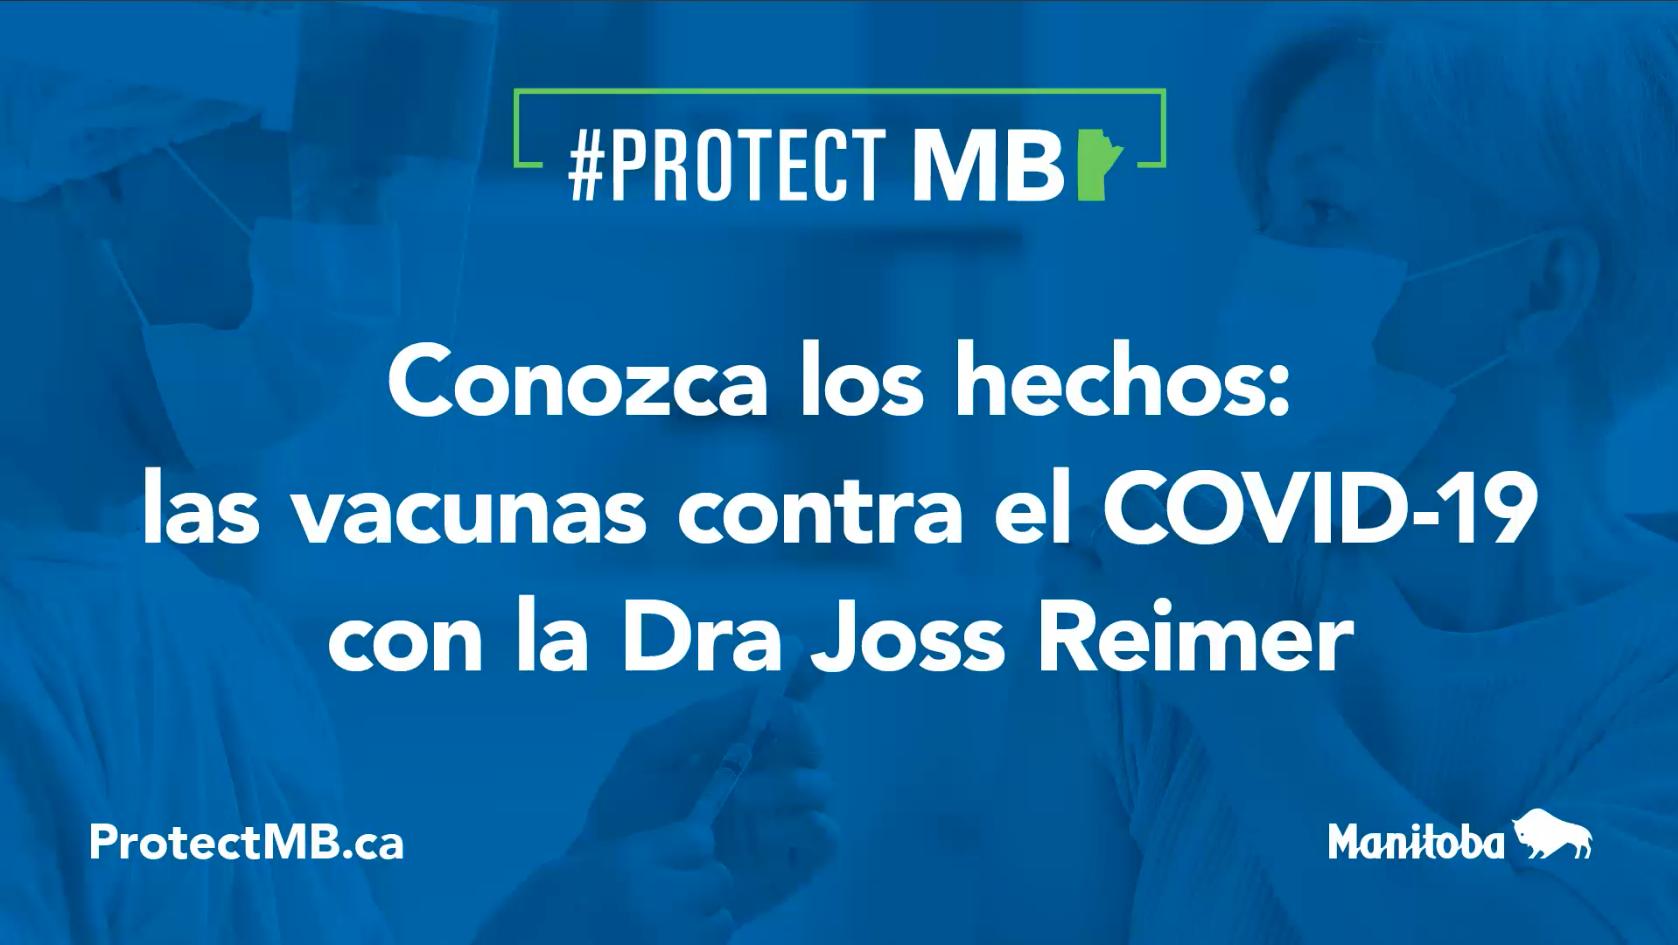 Conozca los hechos: las vacunes contra el COVID-19 con la Dra Joss Reimer